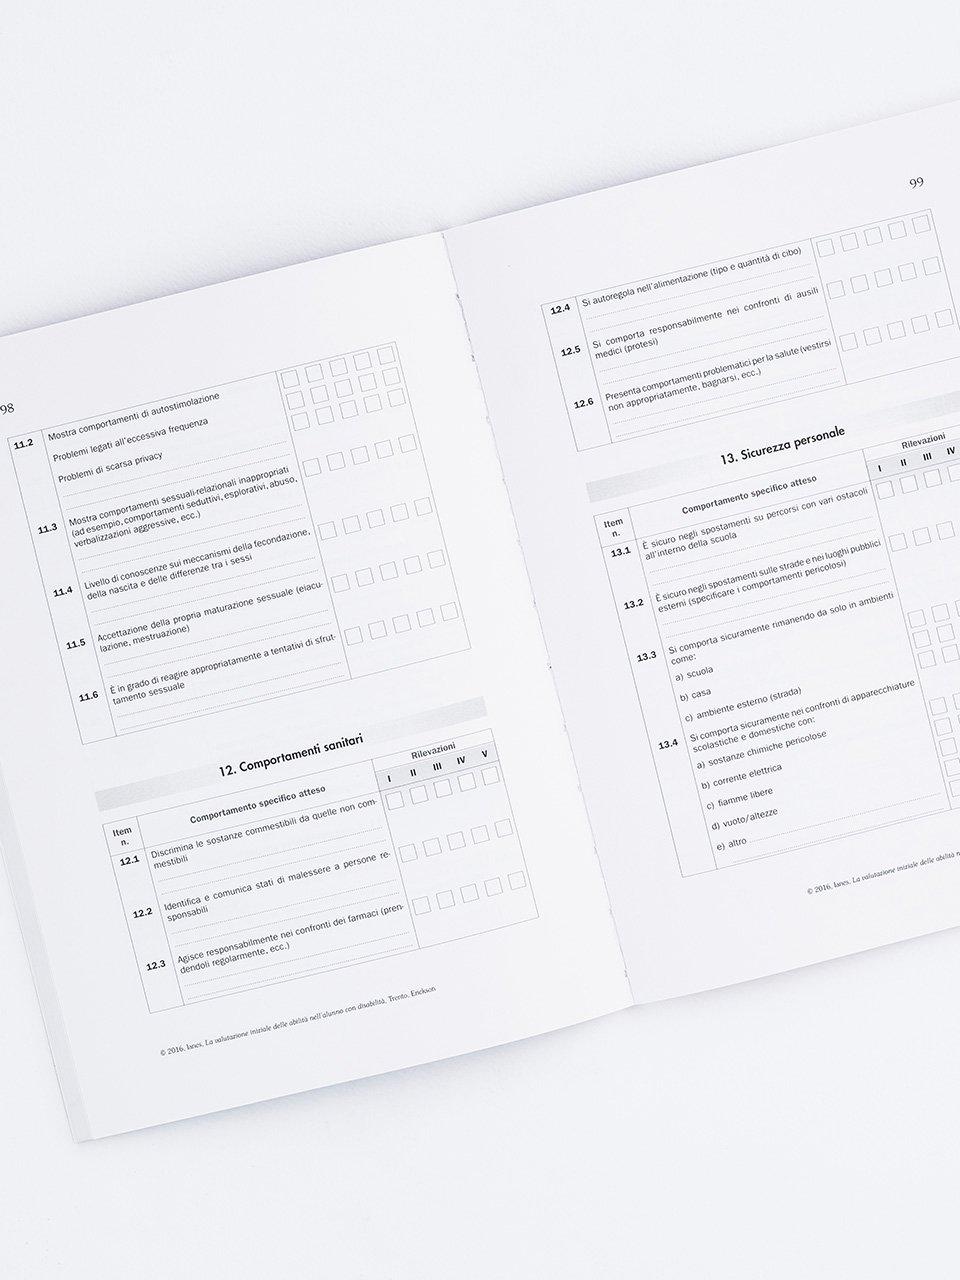 La valutazione iniziale delle abilità nell'alunno  - Libri - Erickson 2